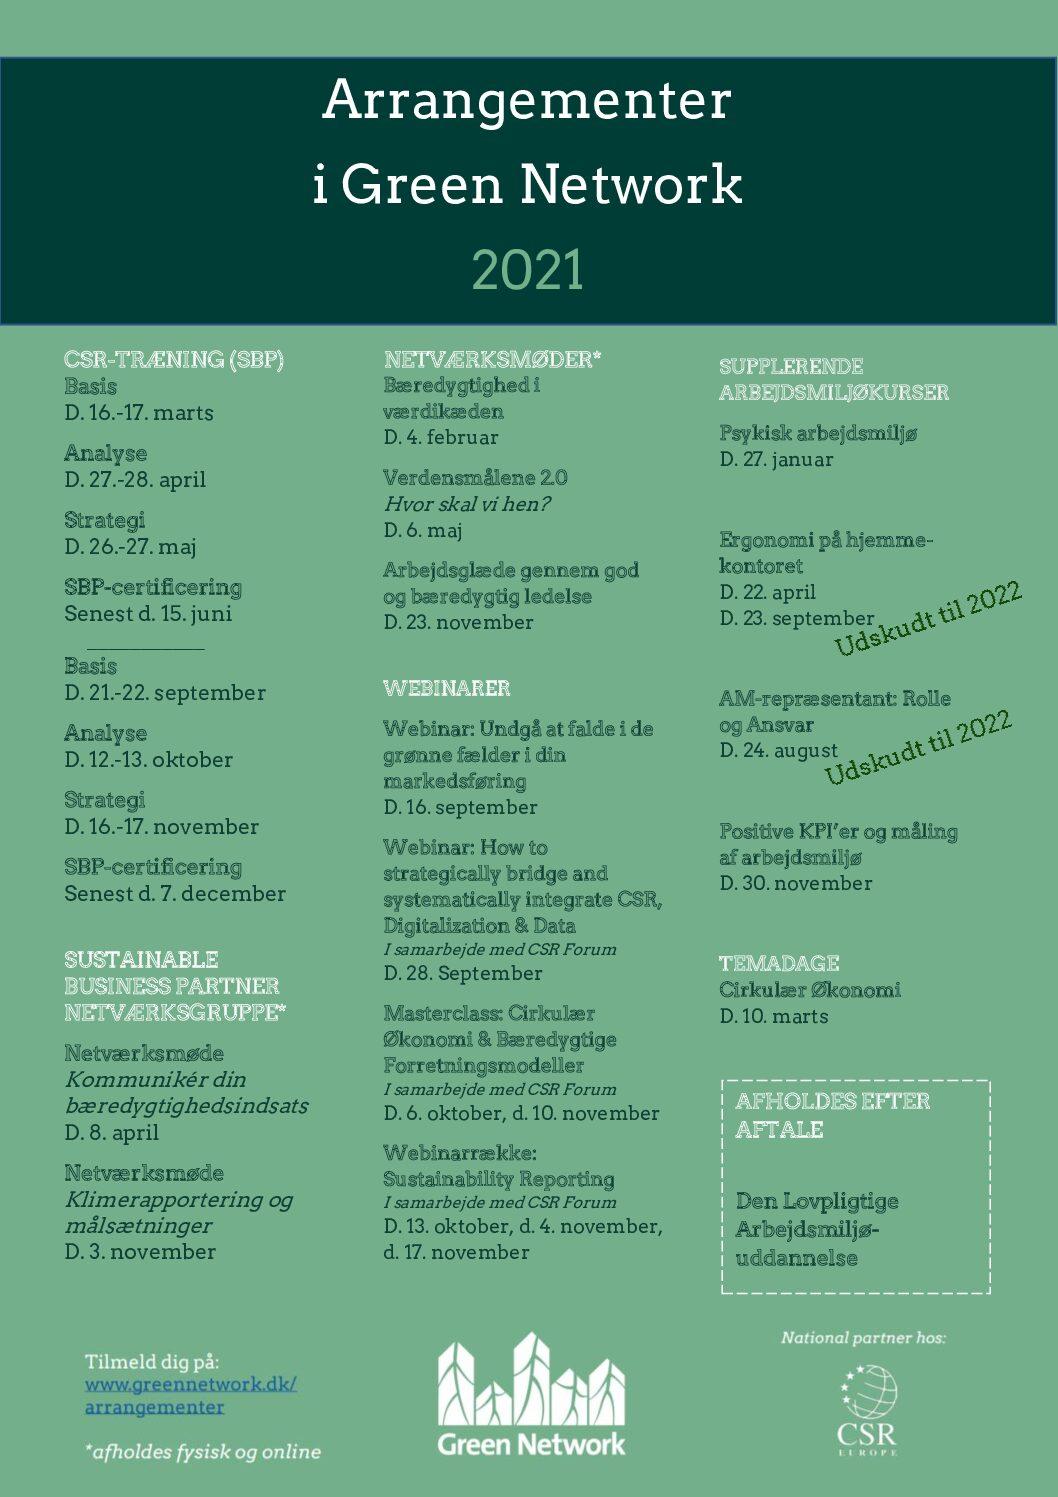 Arrangementsoversigt 2021_opdateret september